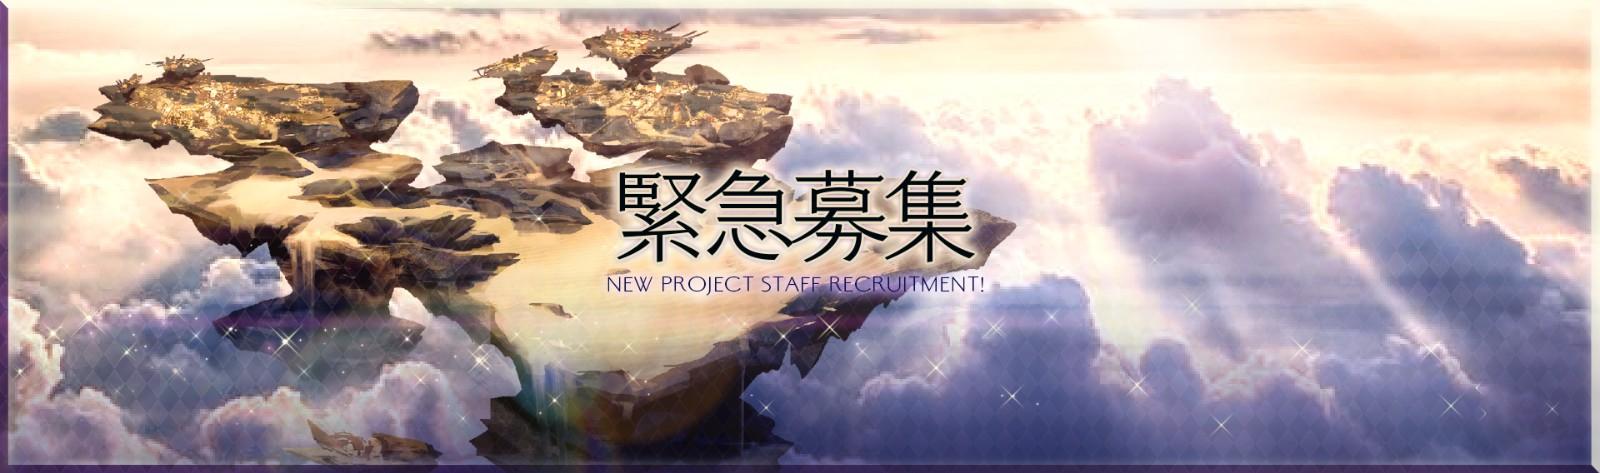 织梦岛重制版开发商紧急招人疑似开发塞尔达传说新作